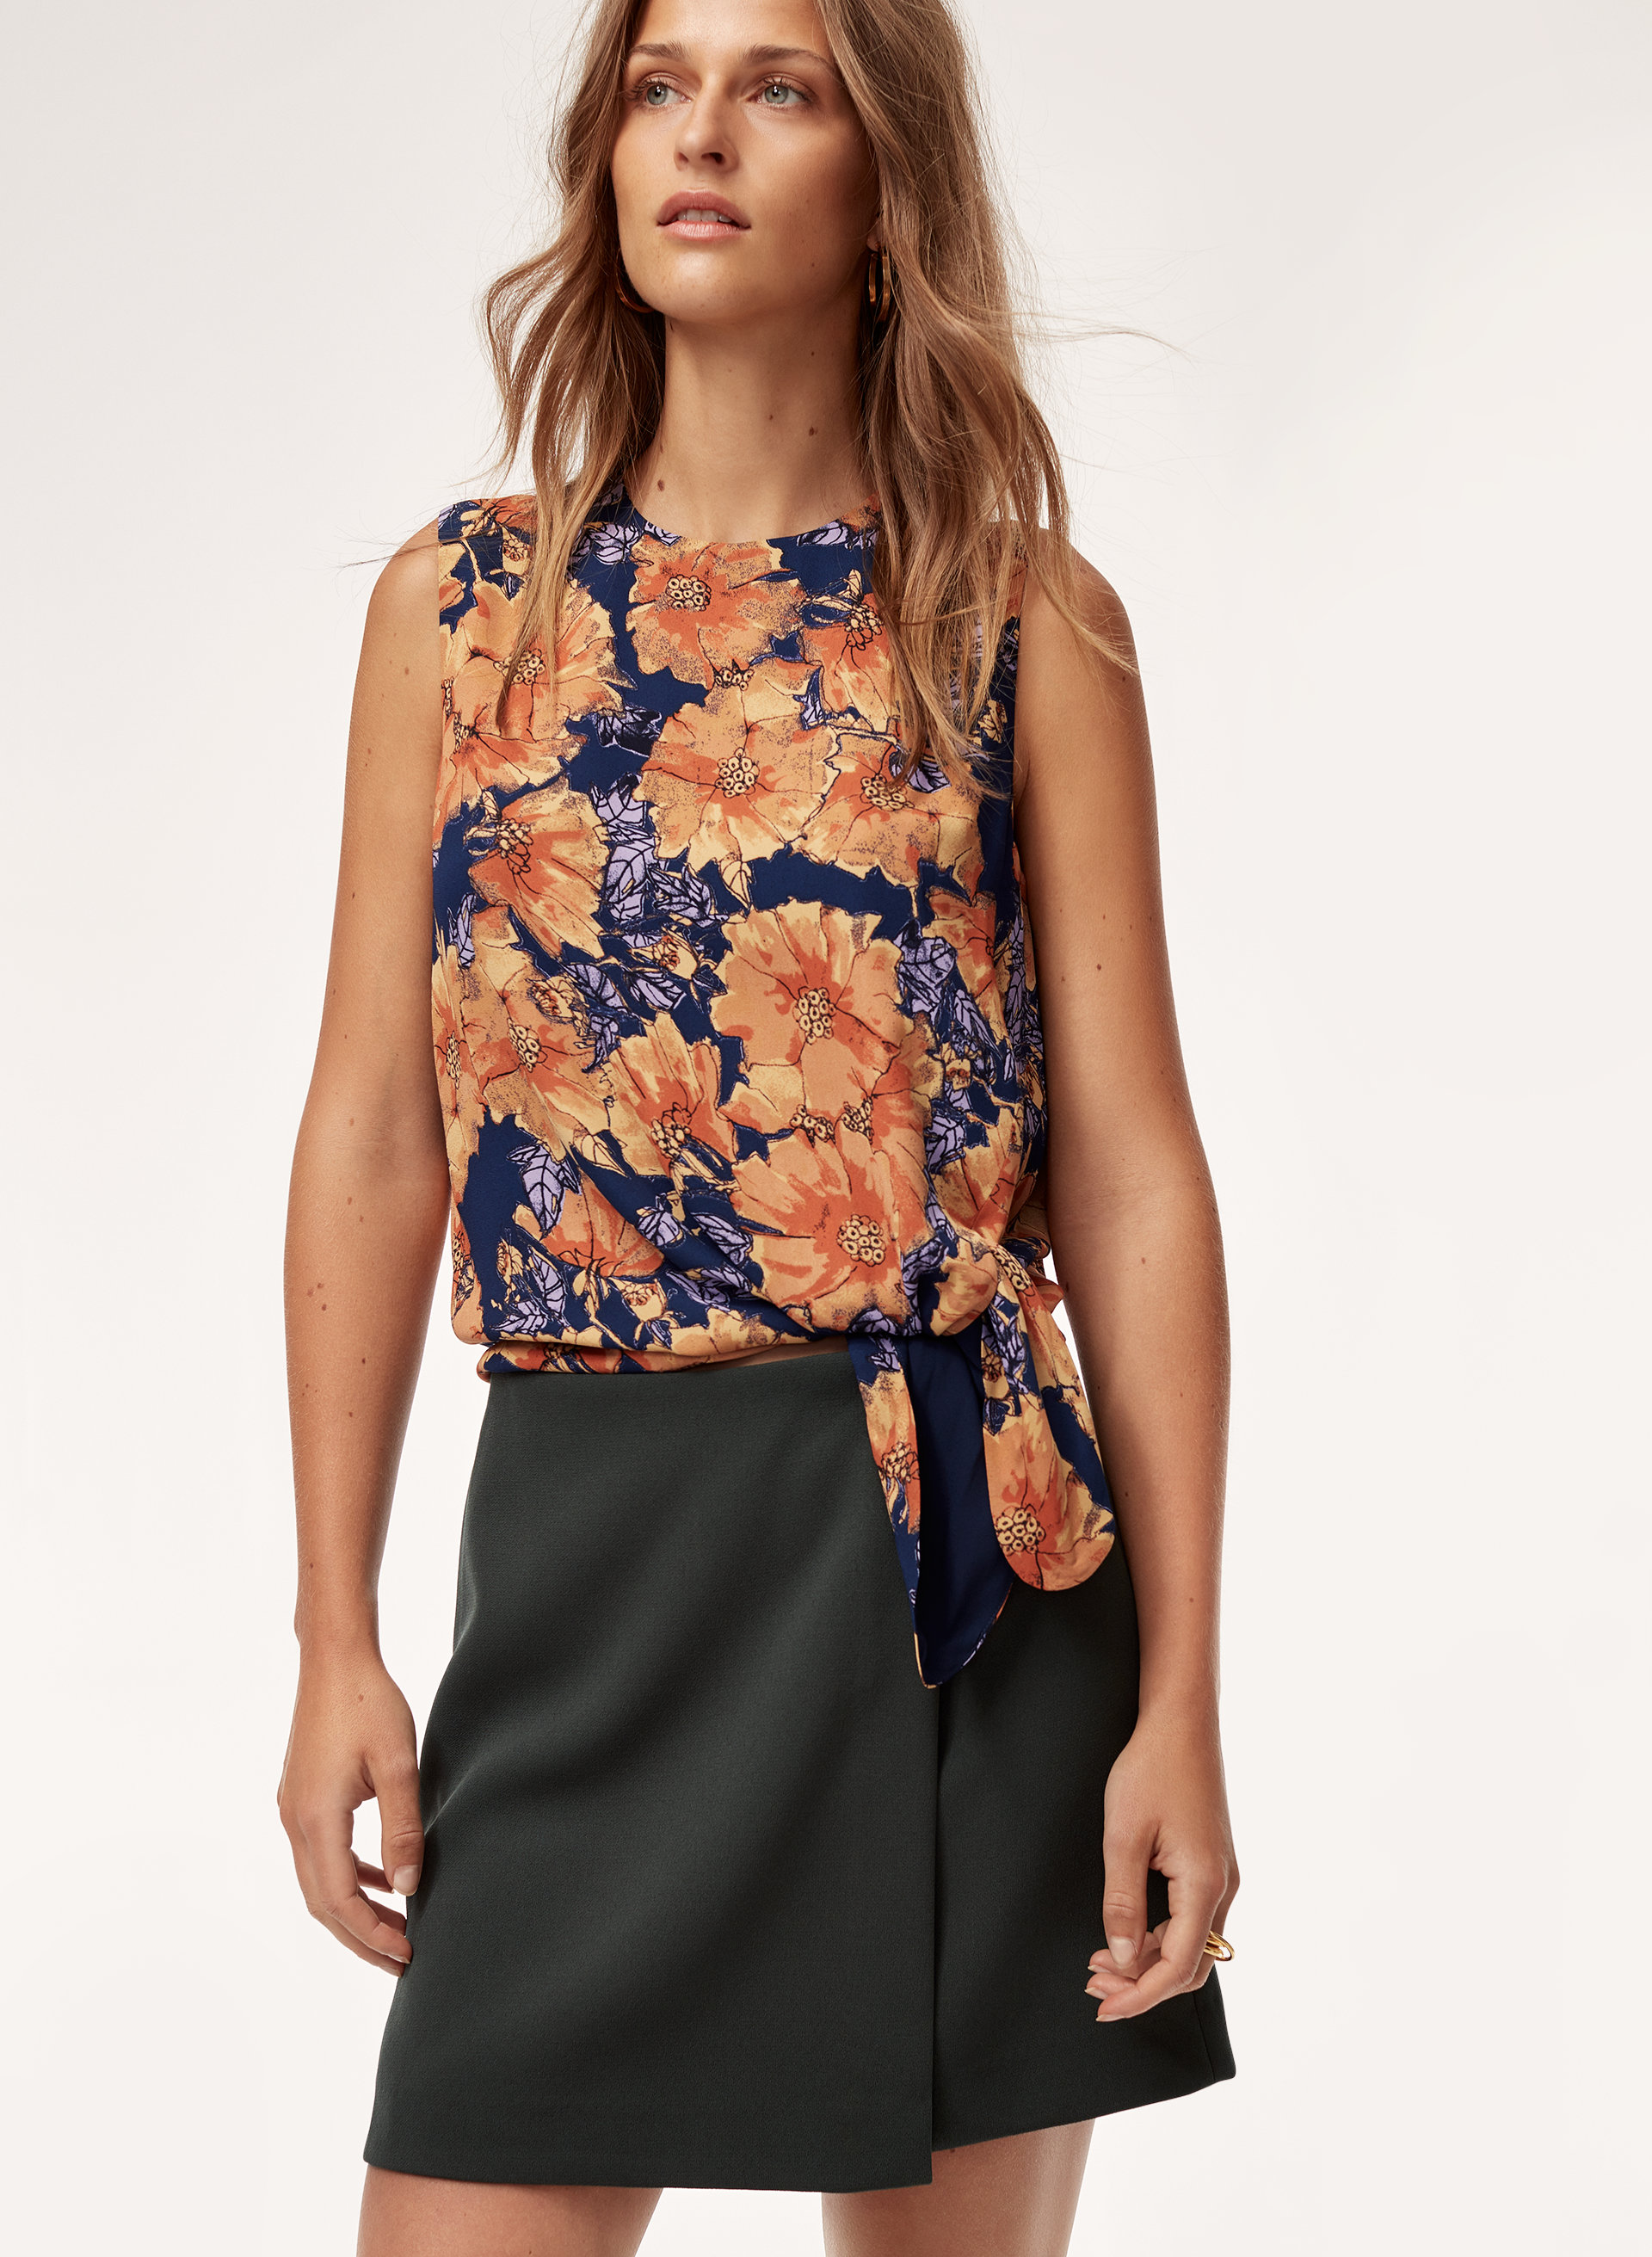 75c25c0510ab43 hopkins blouse Tie-front floral top